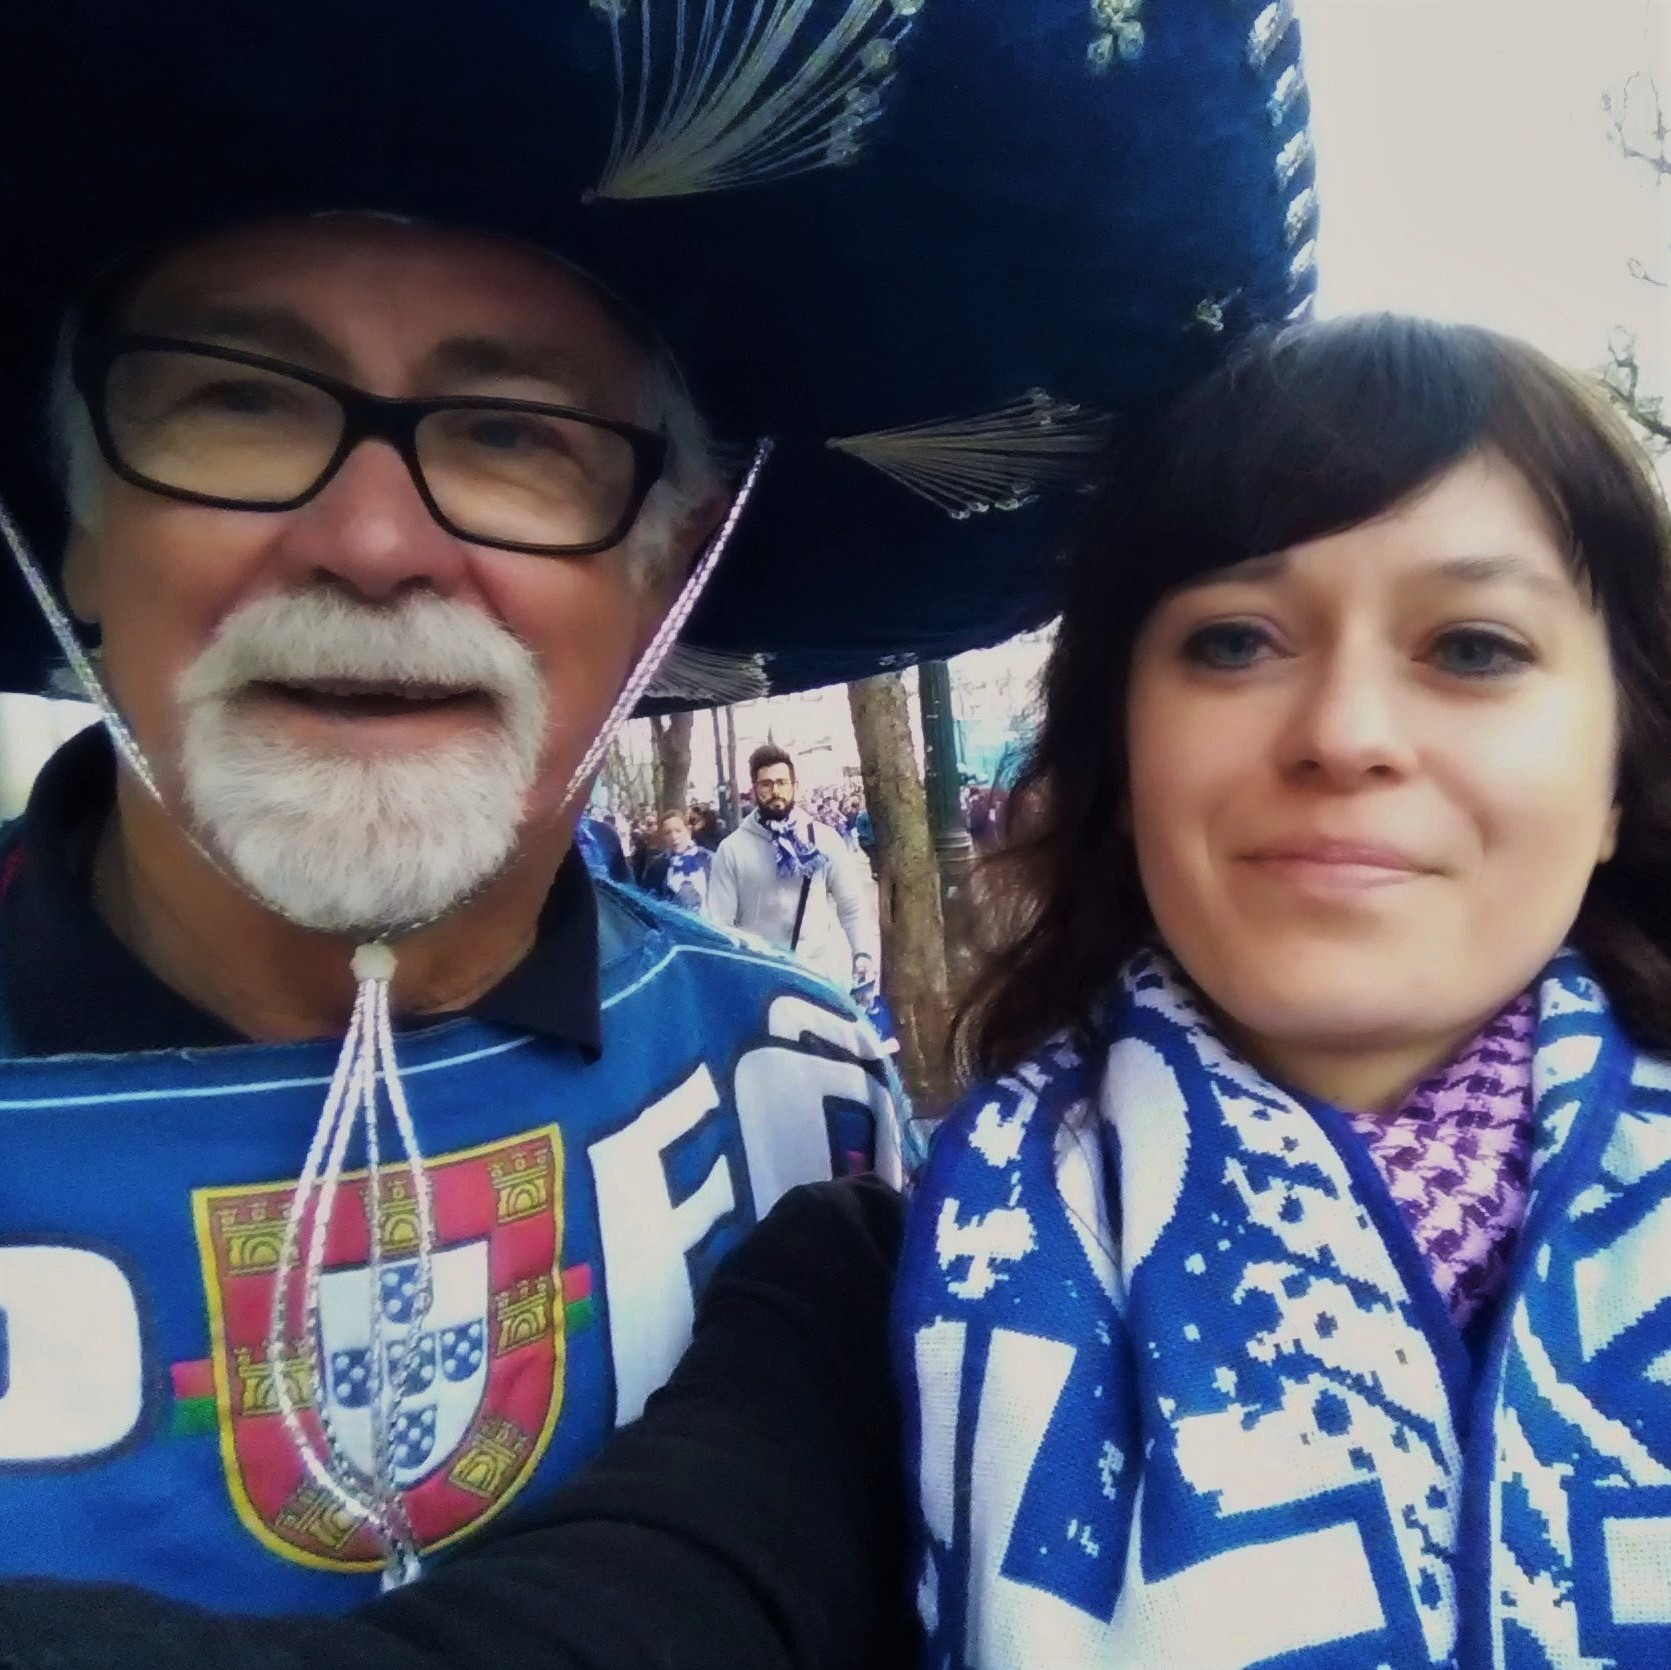 Relacja.  FC Porto świętuje mistrzostwo Portugalii!